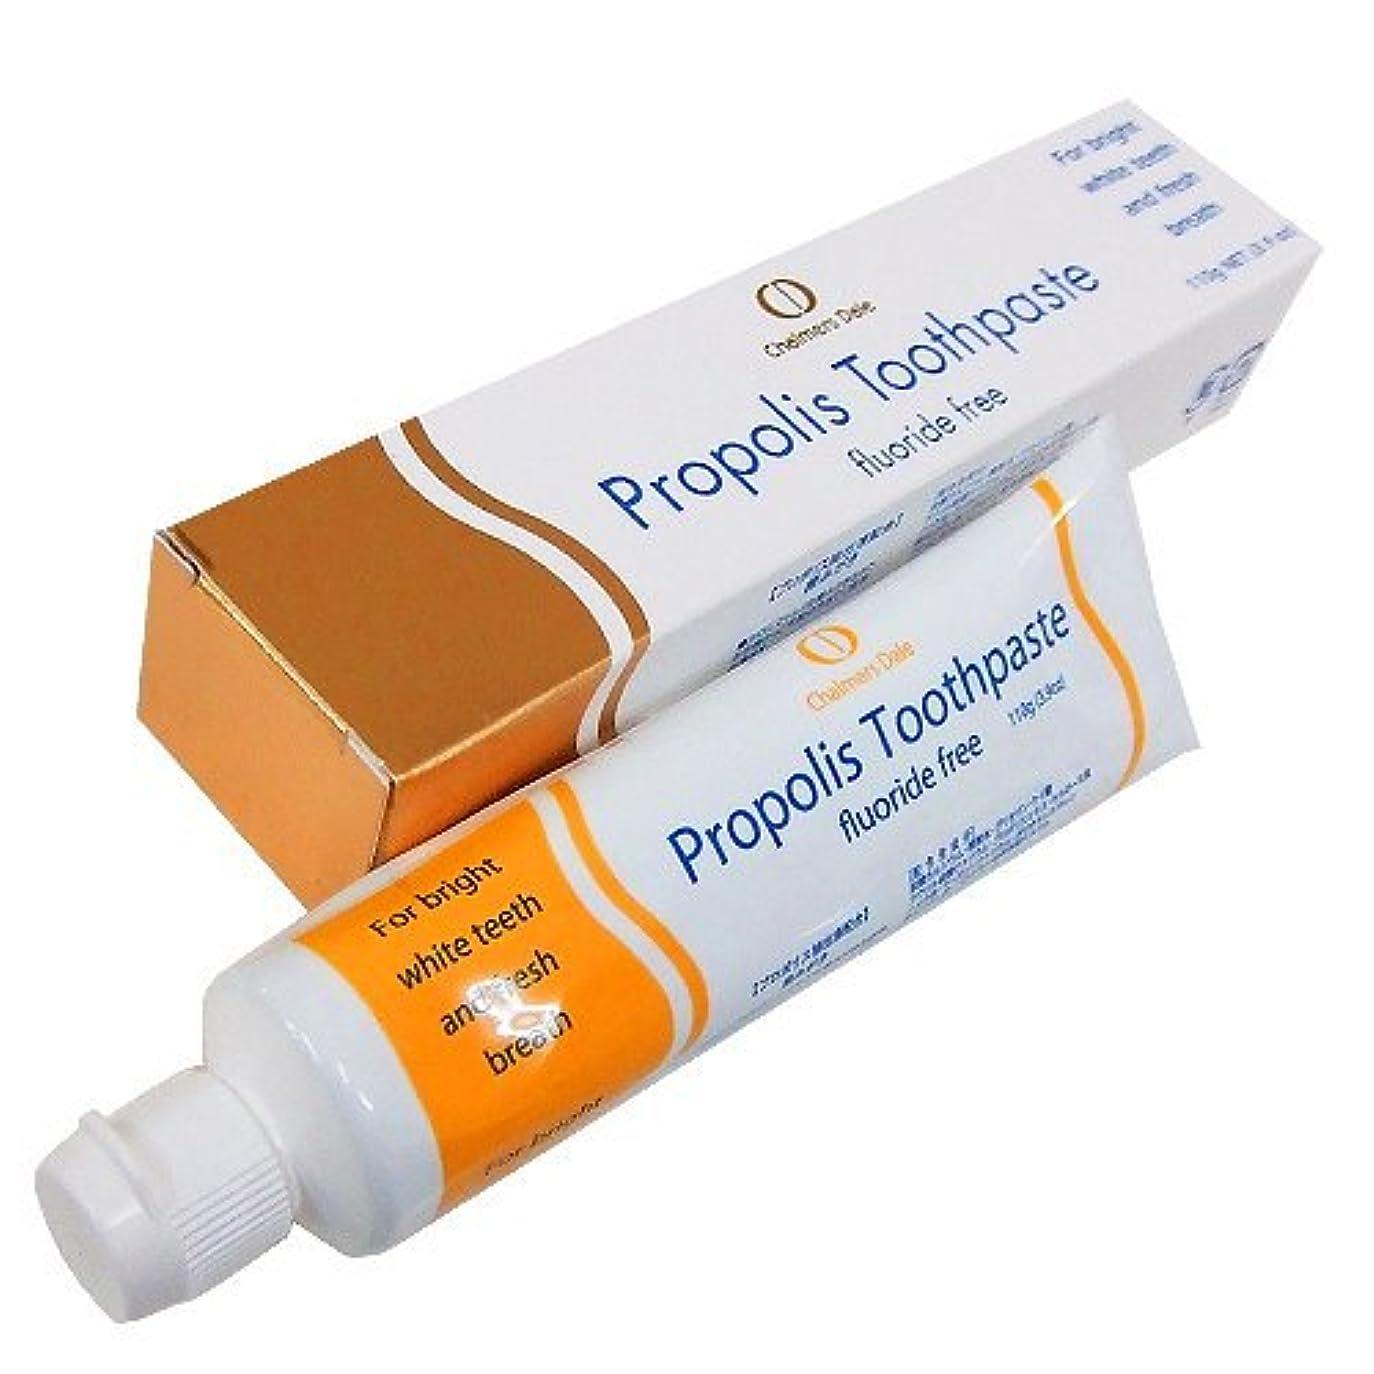 良心的食料品店香りプロポリス歯磨き 110g フッ素は配合していません